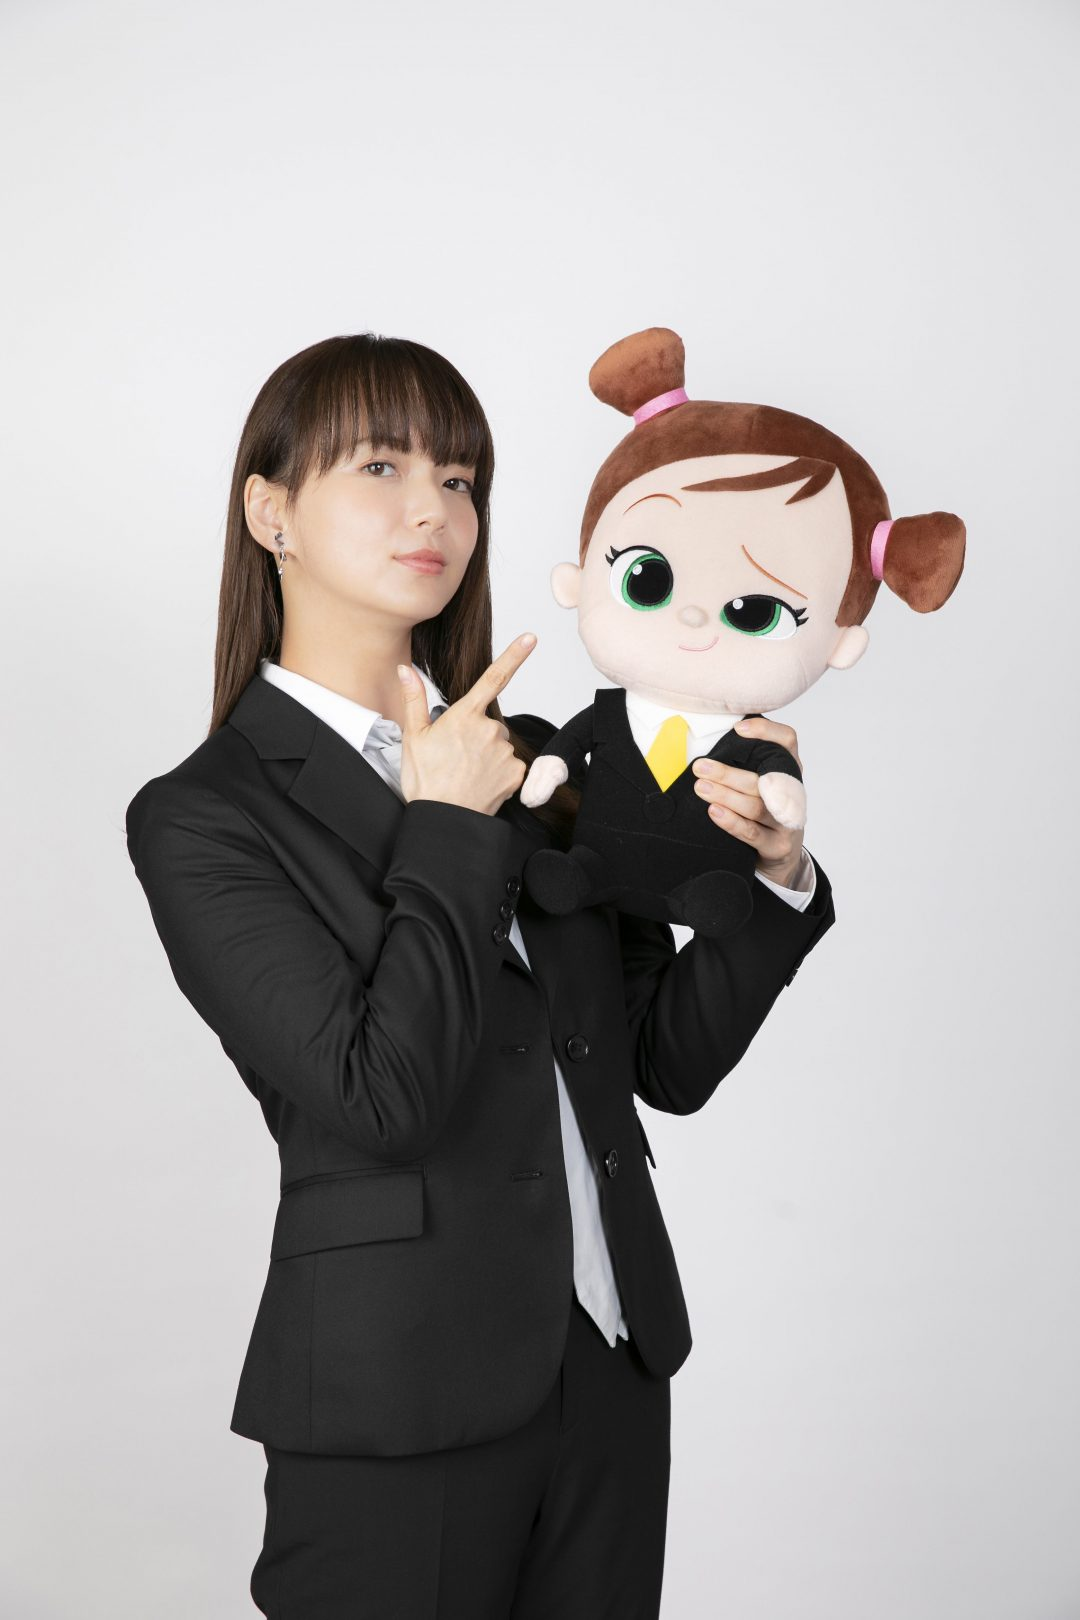 多部未華子が洋画吹替え初挑戦 映画『ボス・ベイビー ファミリー・ミッション』日本語吹替え版本予告が公開